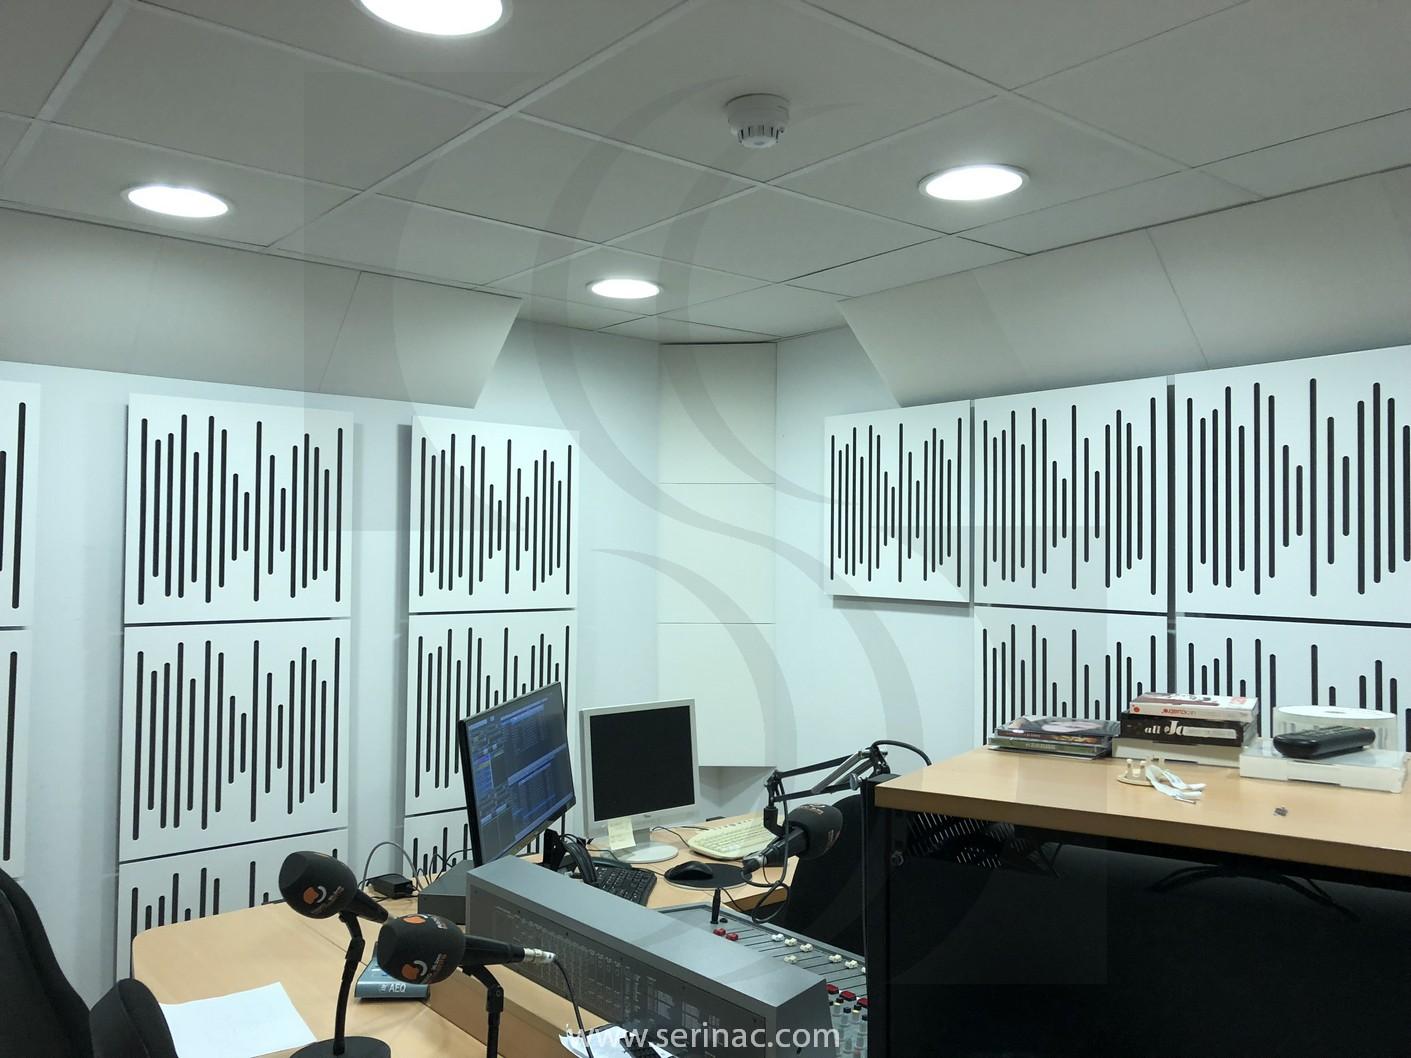 estudio radio san vicente serinac